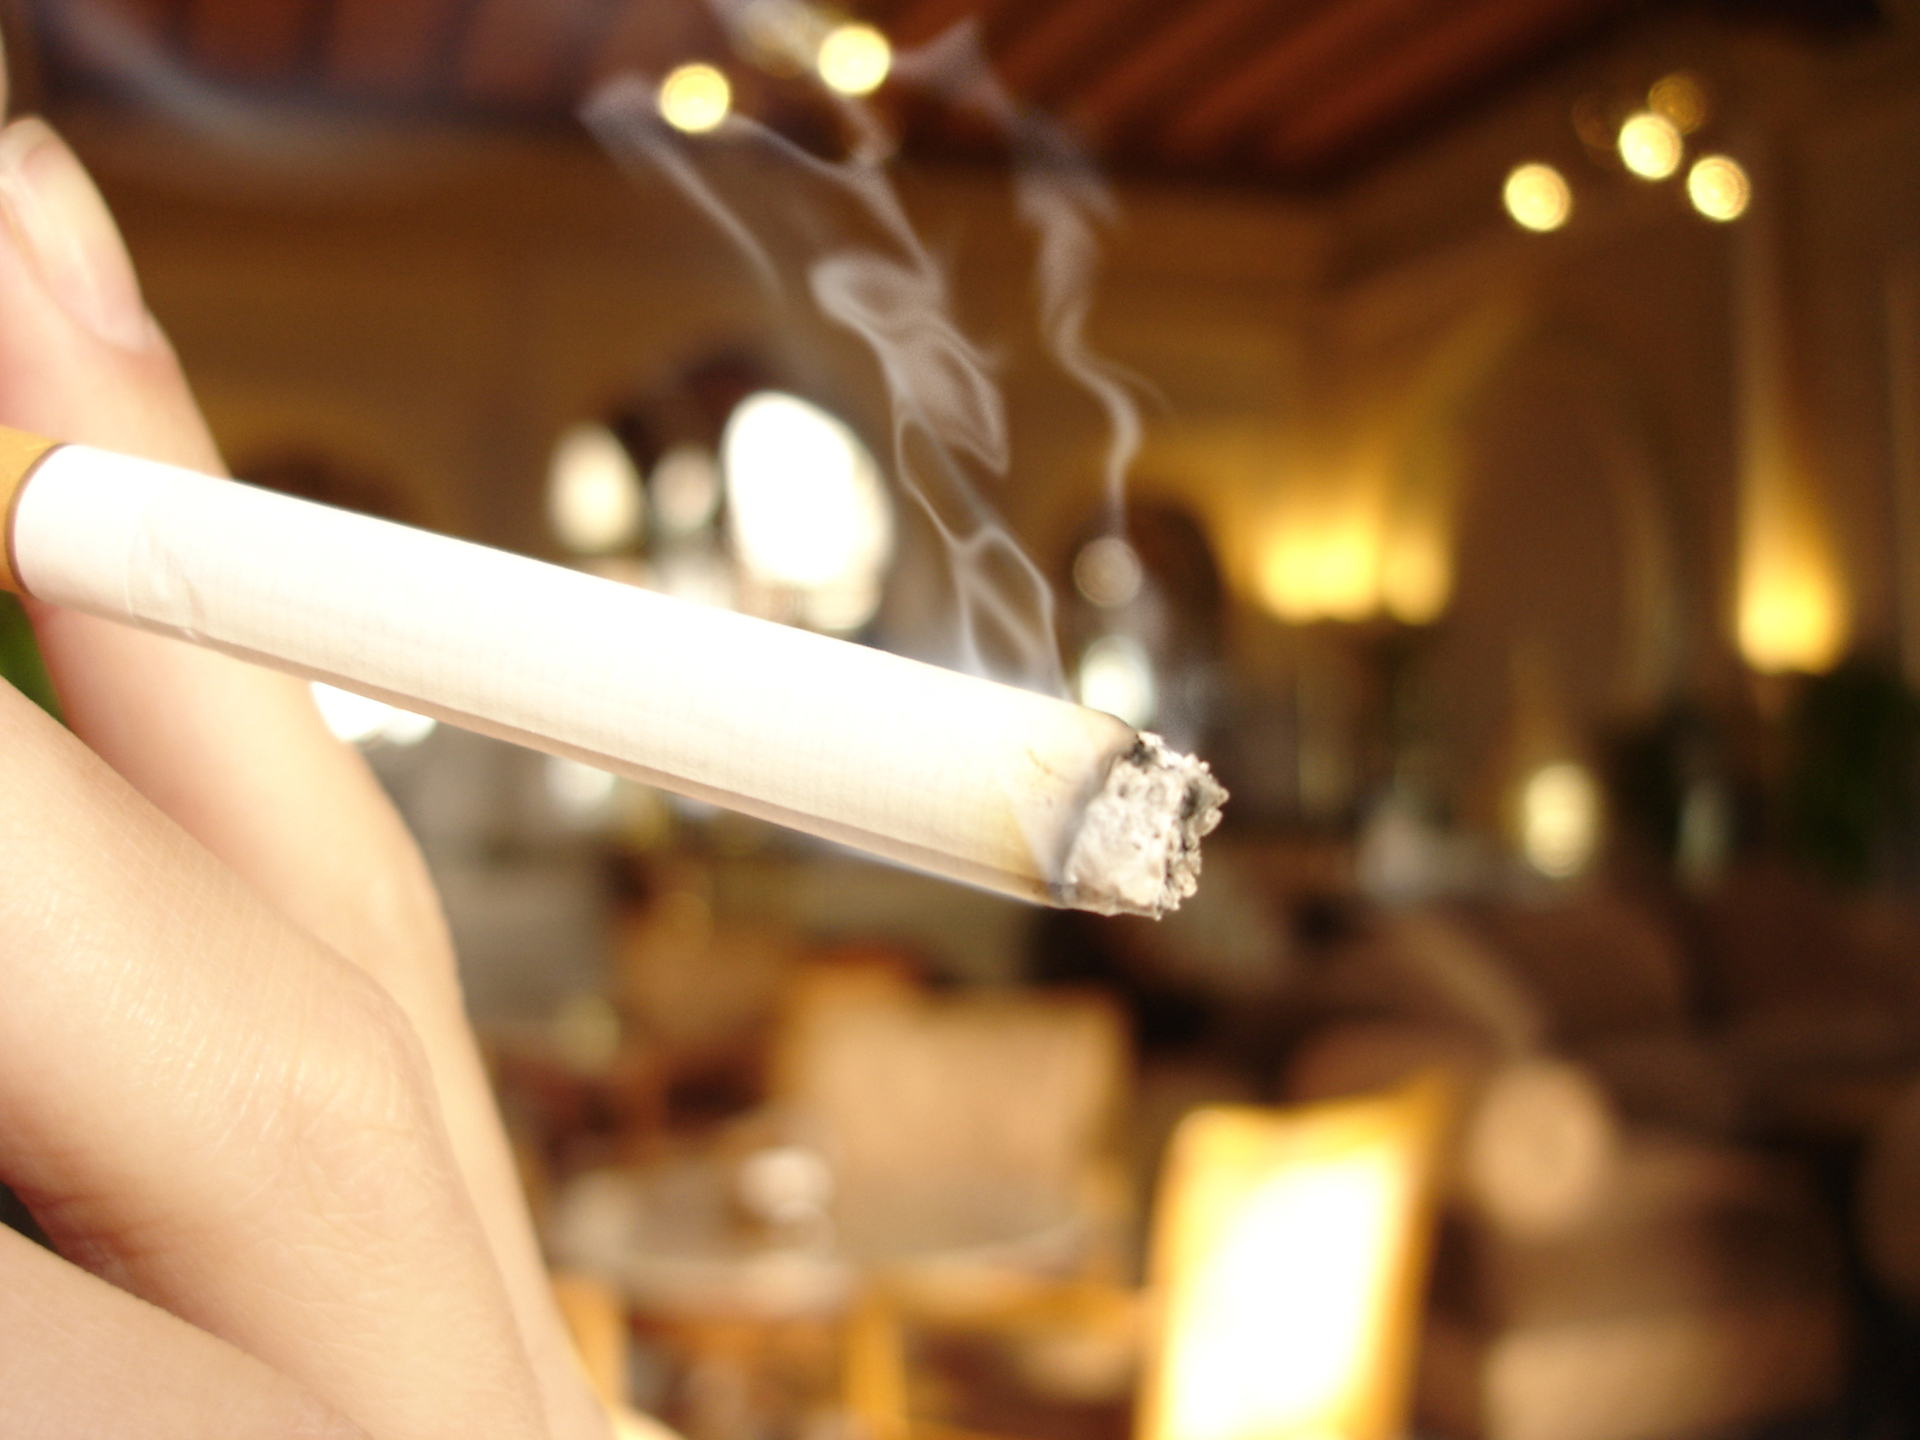 Politieke partijen spreken zich uit: laat kinderen zien dat roken niet normaal is